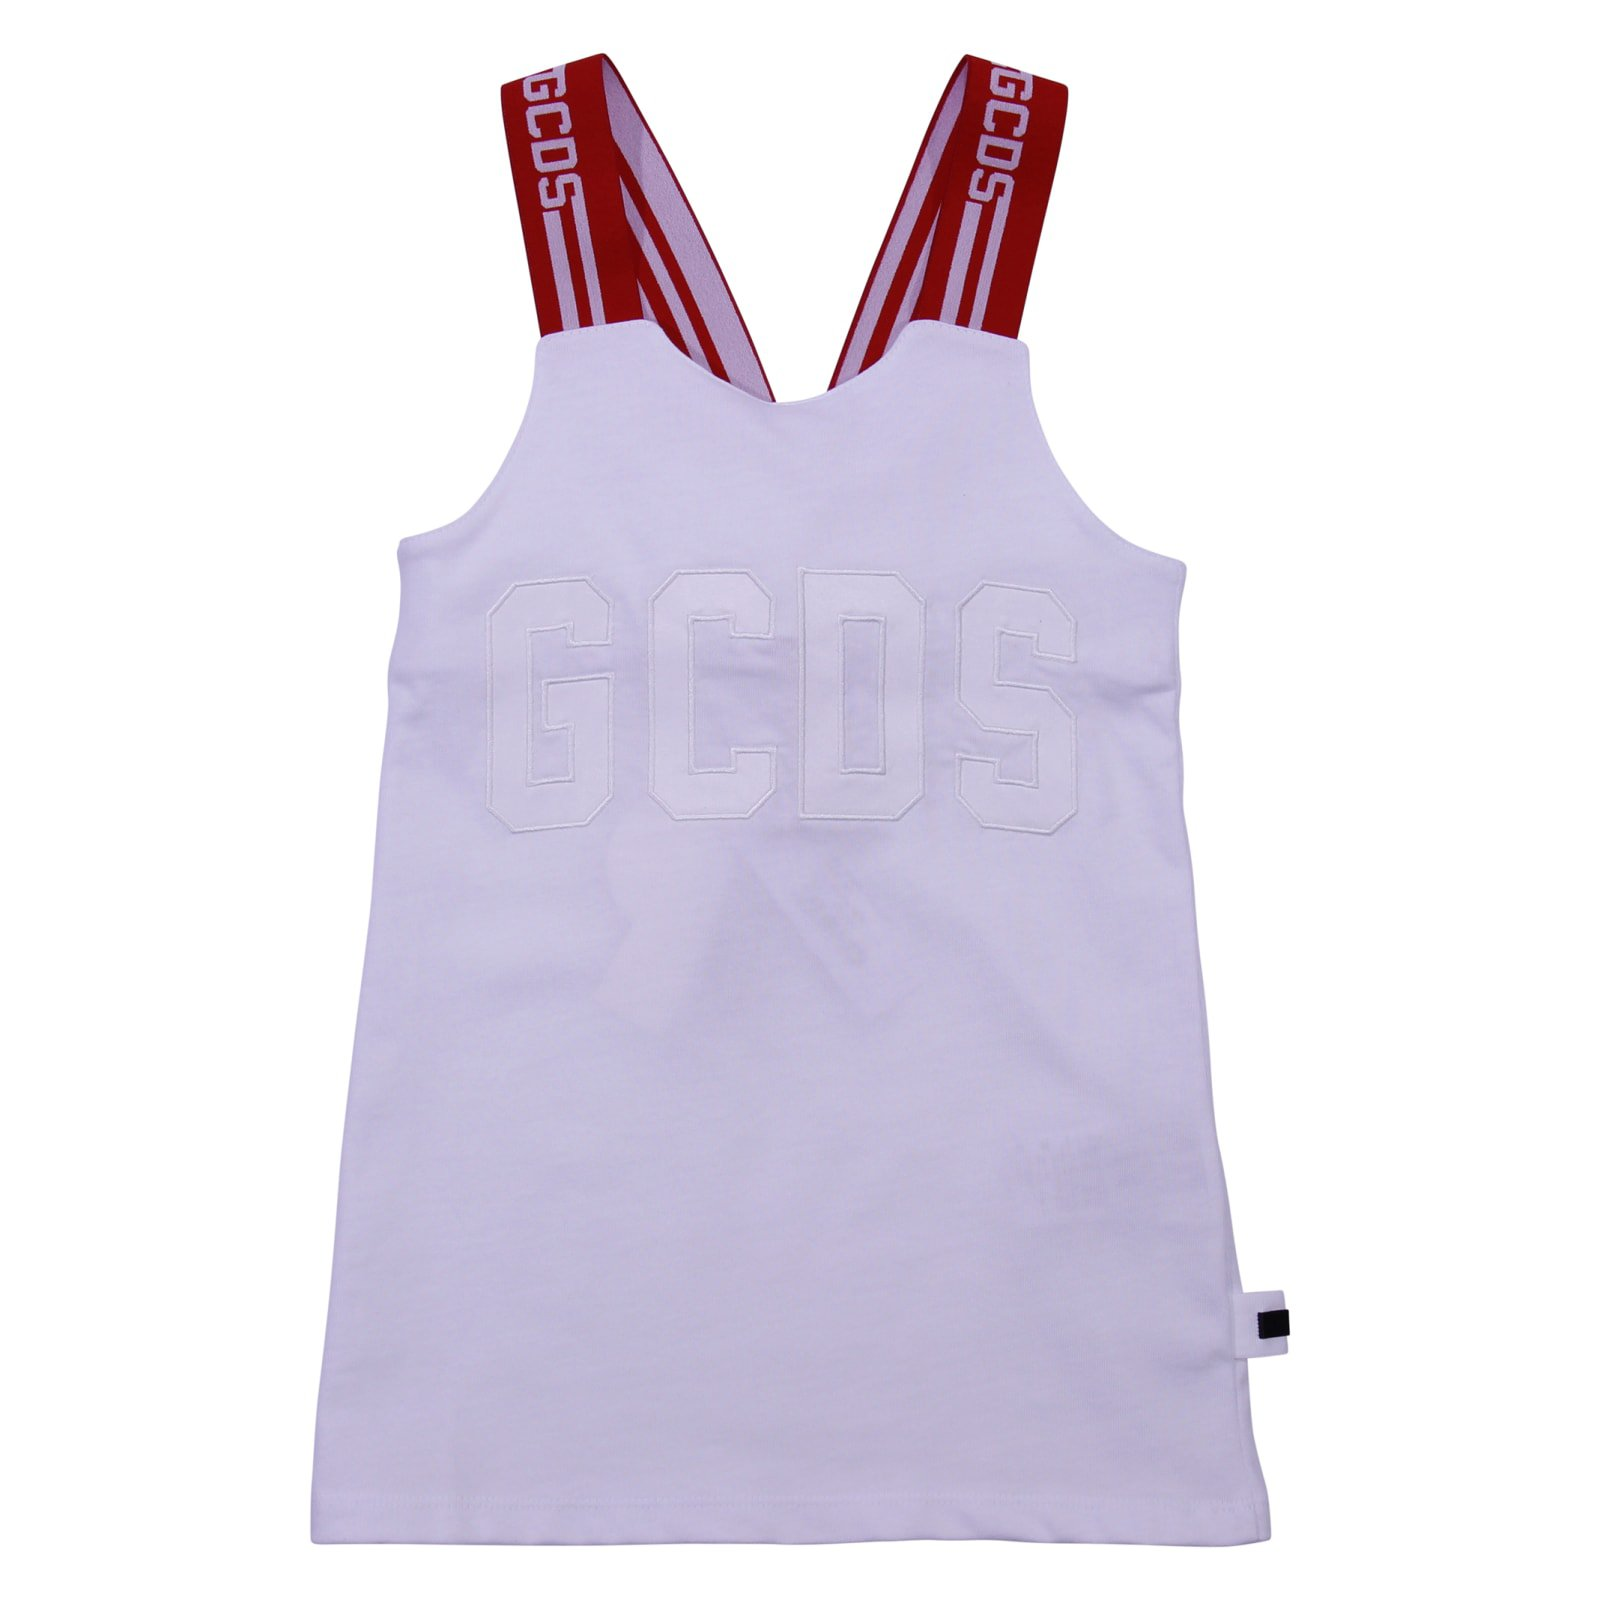 GCDS White Cotton Jersey Tank Top